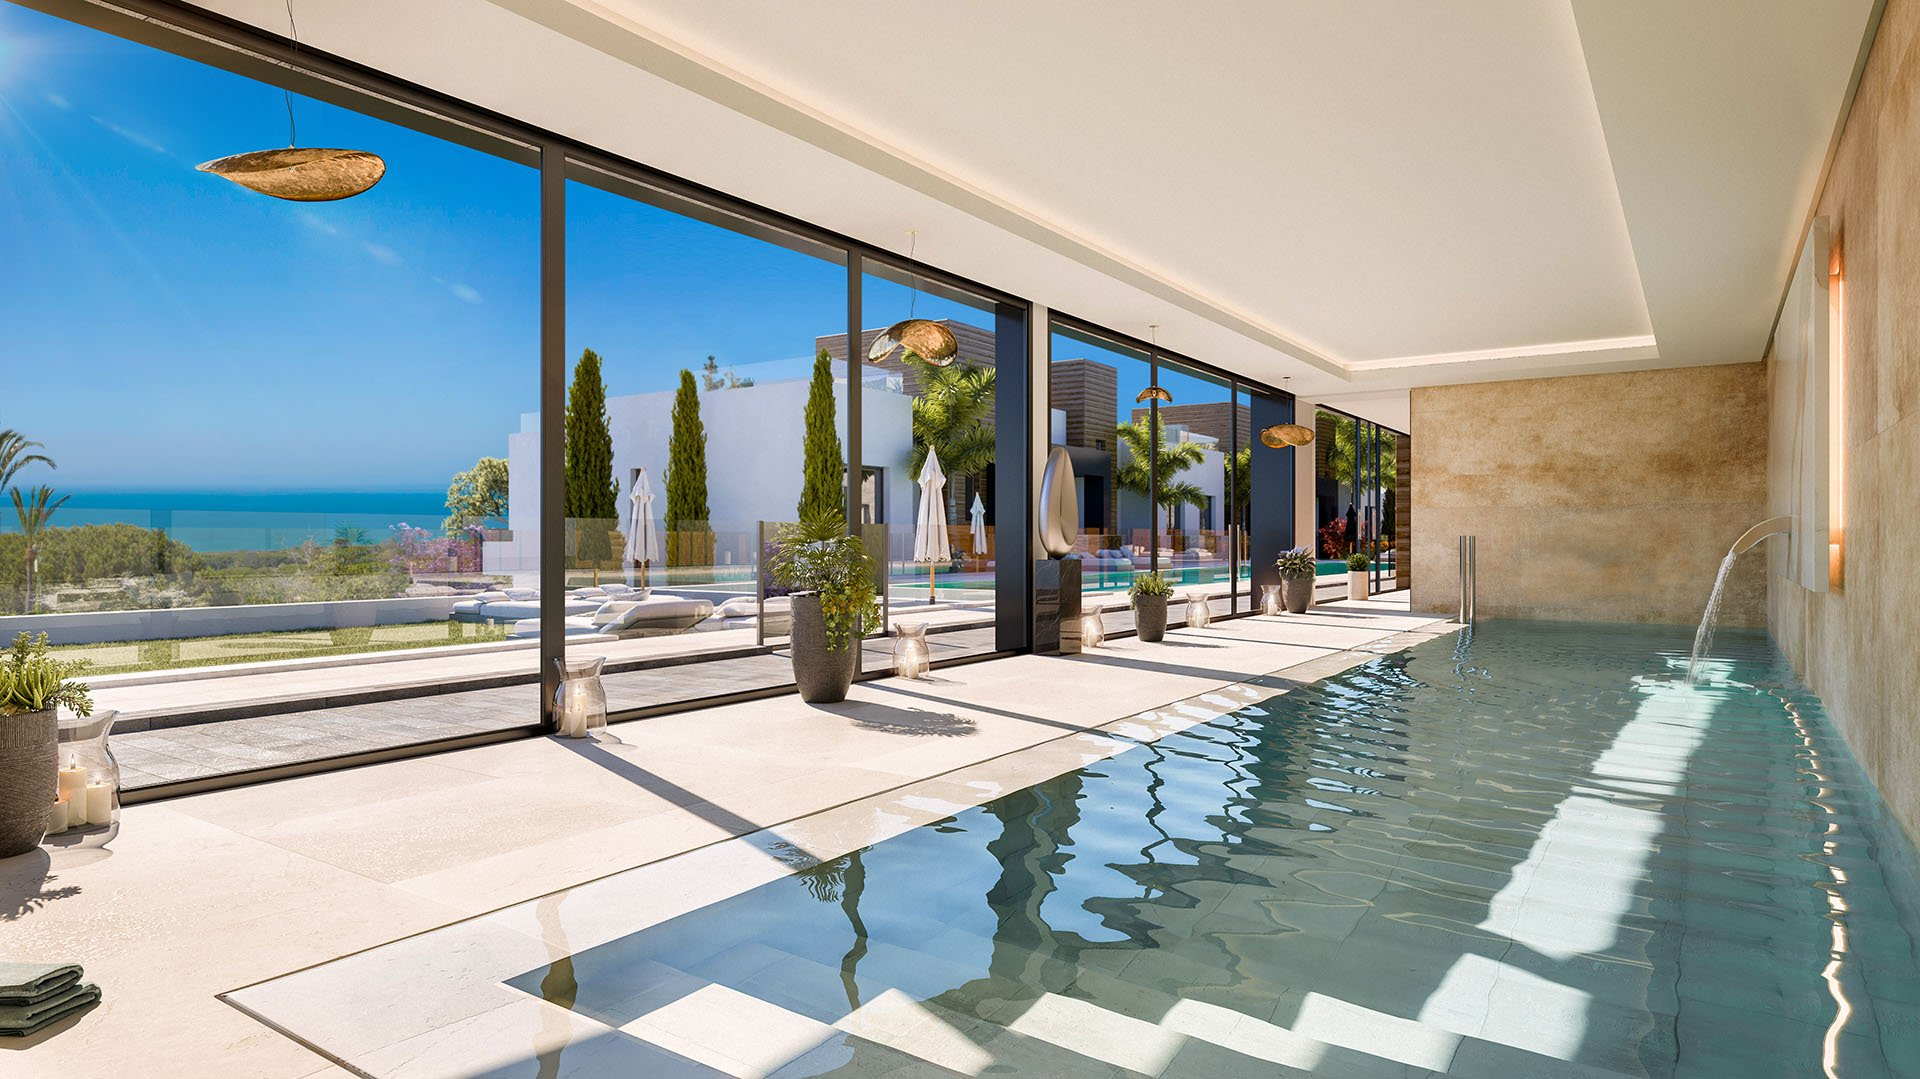 Artola Homes II: Prachtige eerstelijns golf appartementen in Cabopino, Marbella